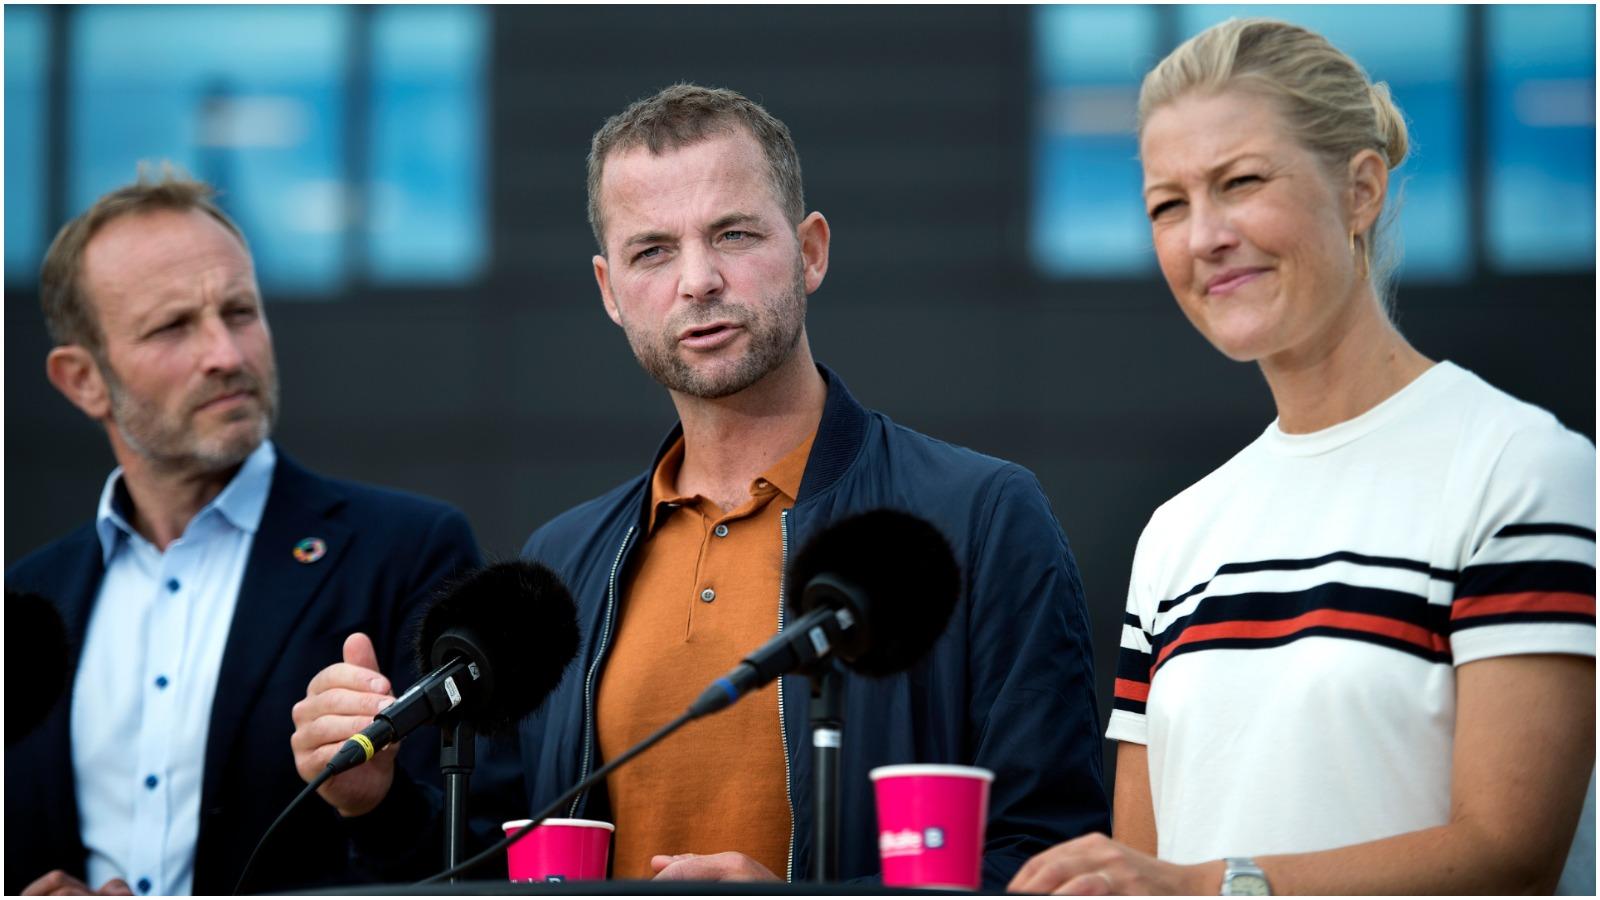 Niels Jespersen: De Radikale har erkendt, at de ikke kommer i regering. Nu isolerer de sig selv for at optimere stemmetallet